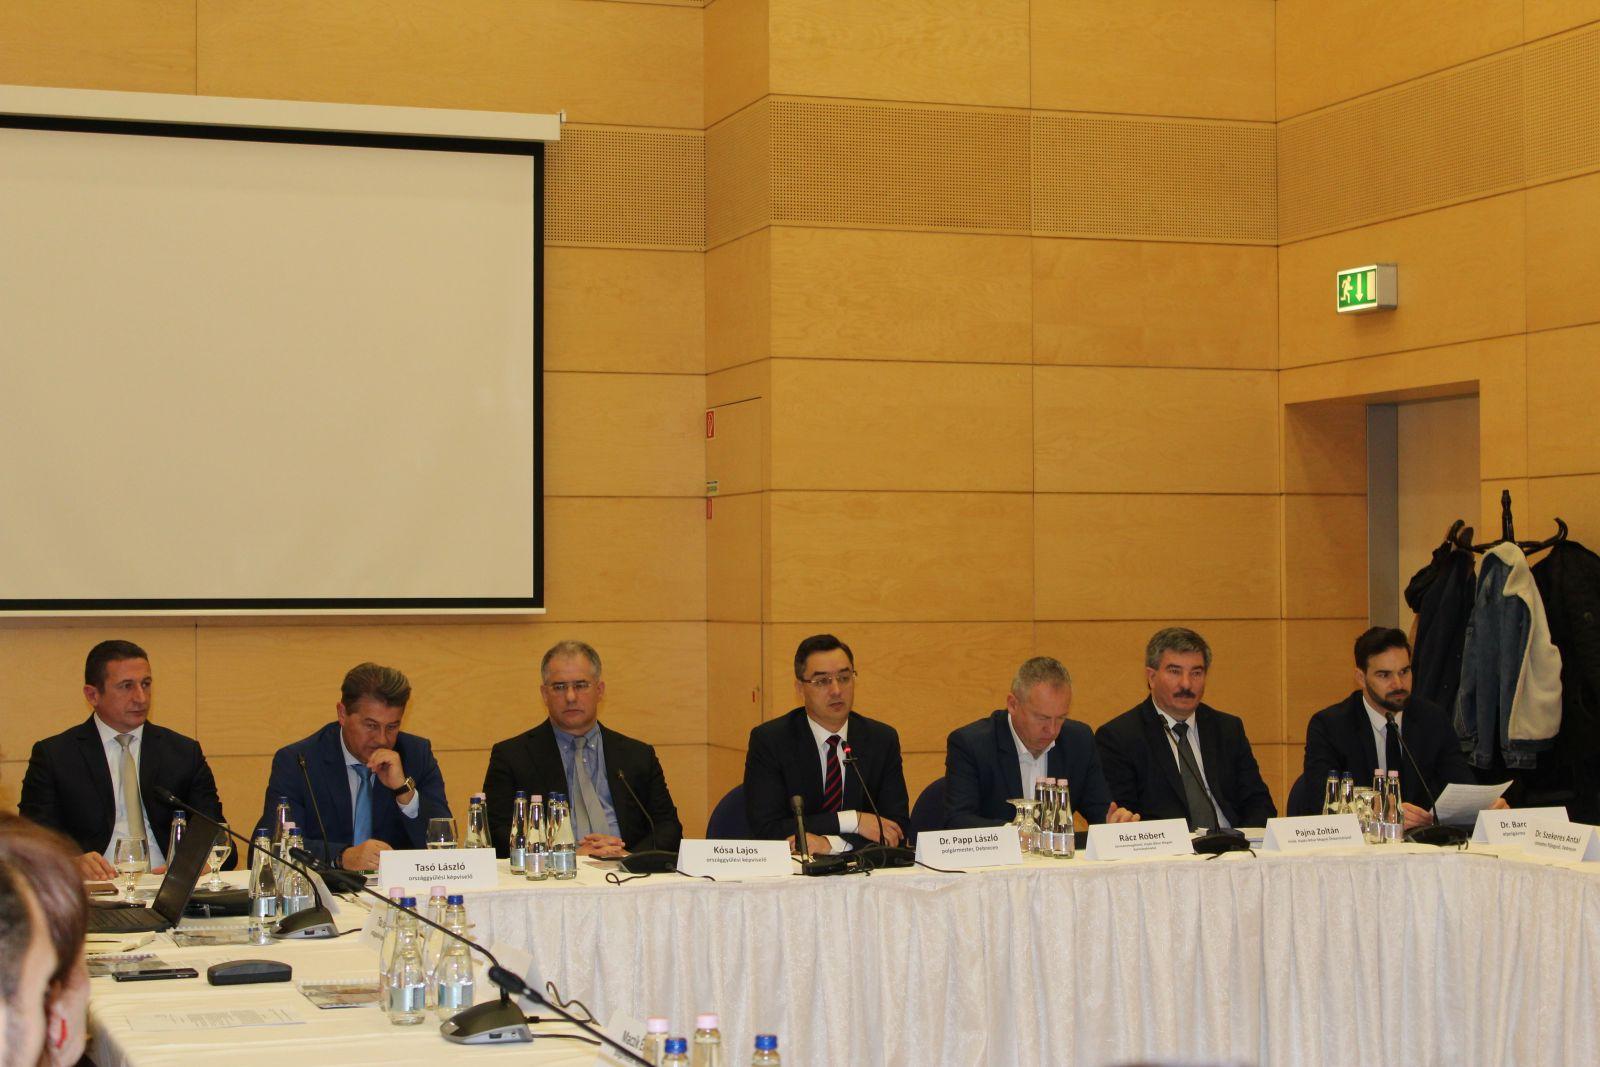 Megtartotta alakuló ülését a Debreceni Régió Együttműködési Tanács